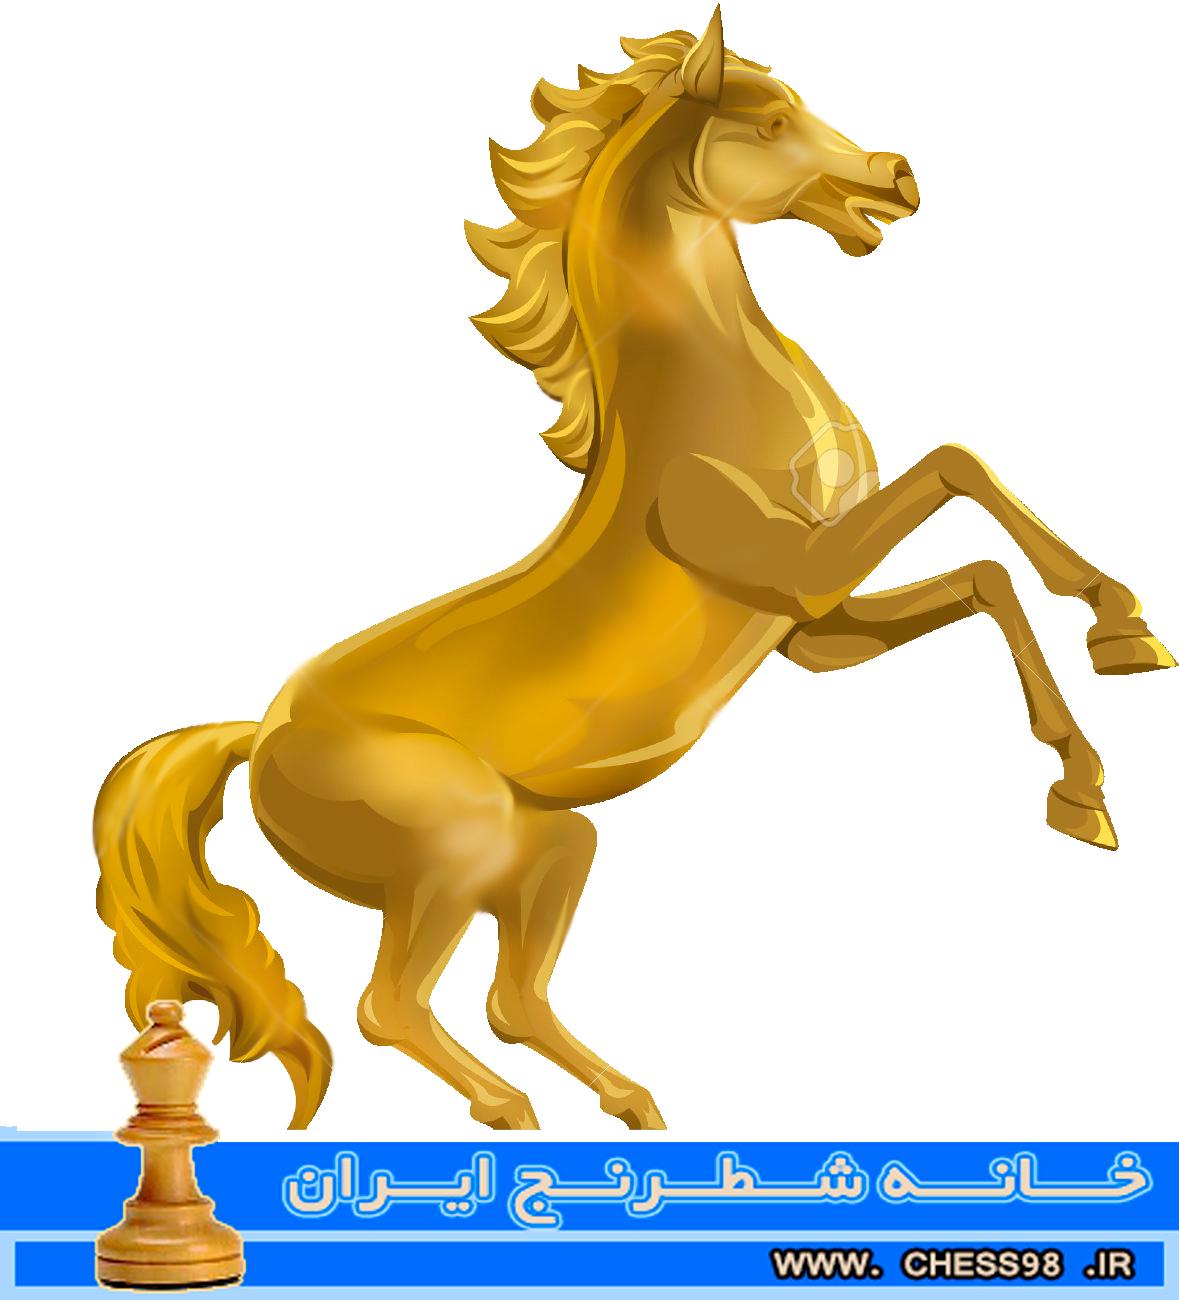 رقابت های اسب زرین شطرنج + نتایج